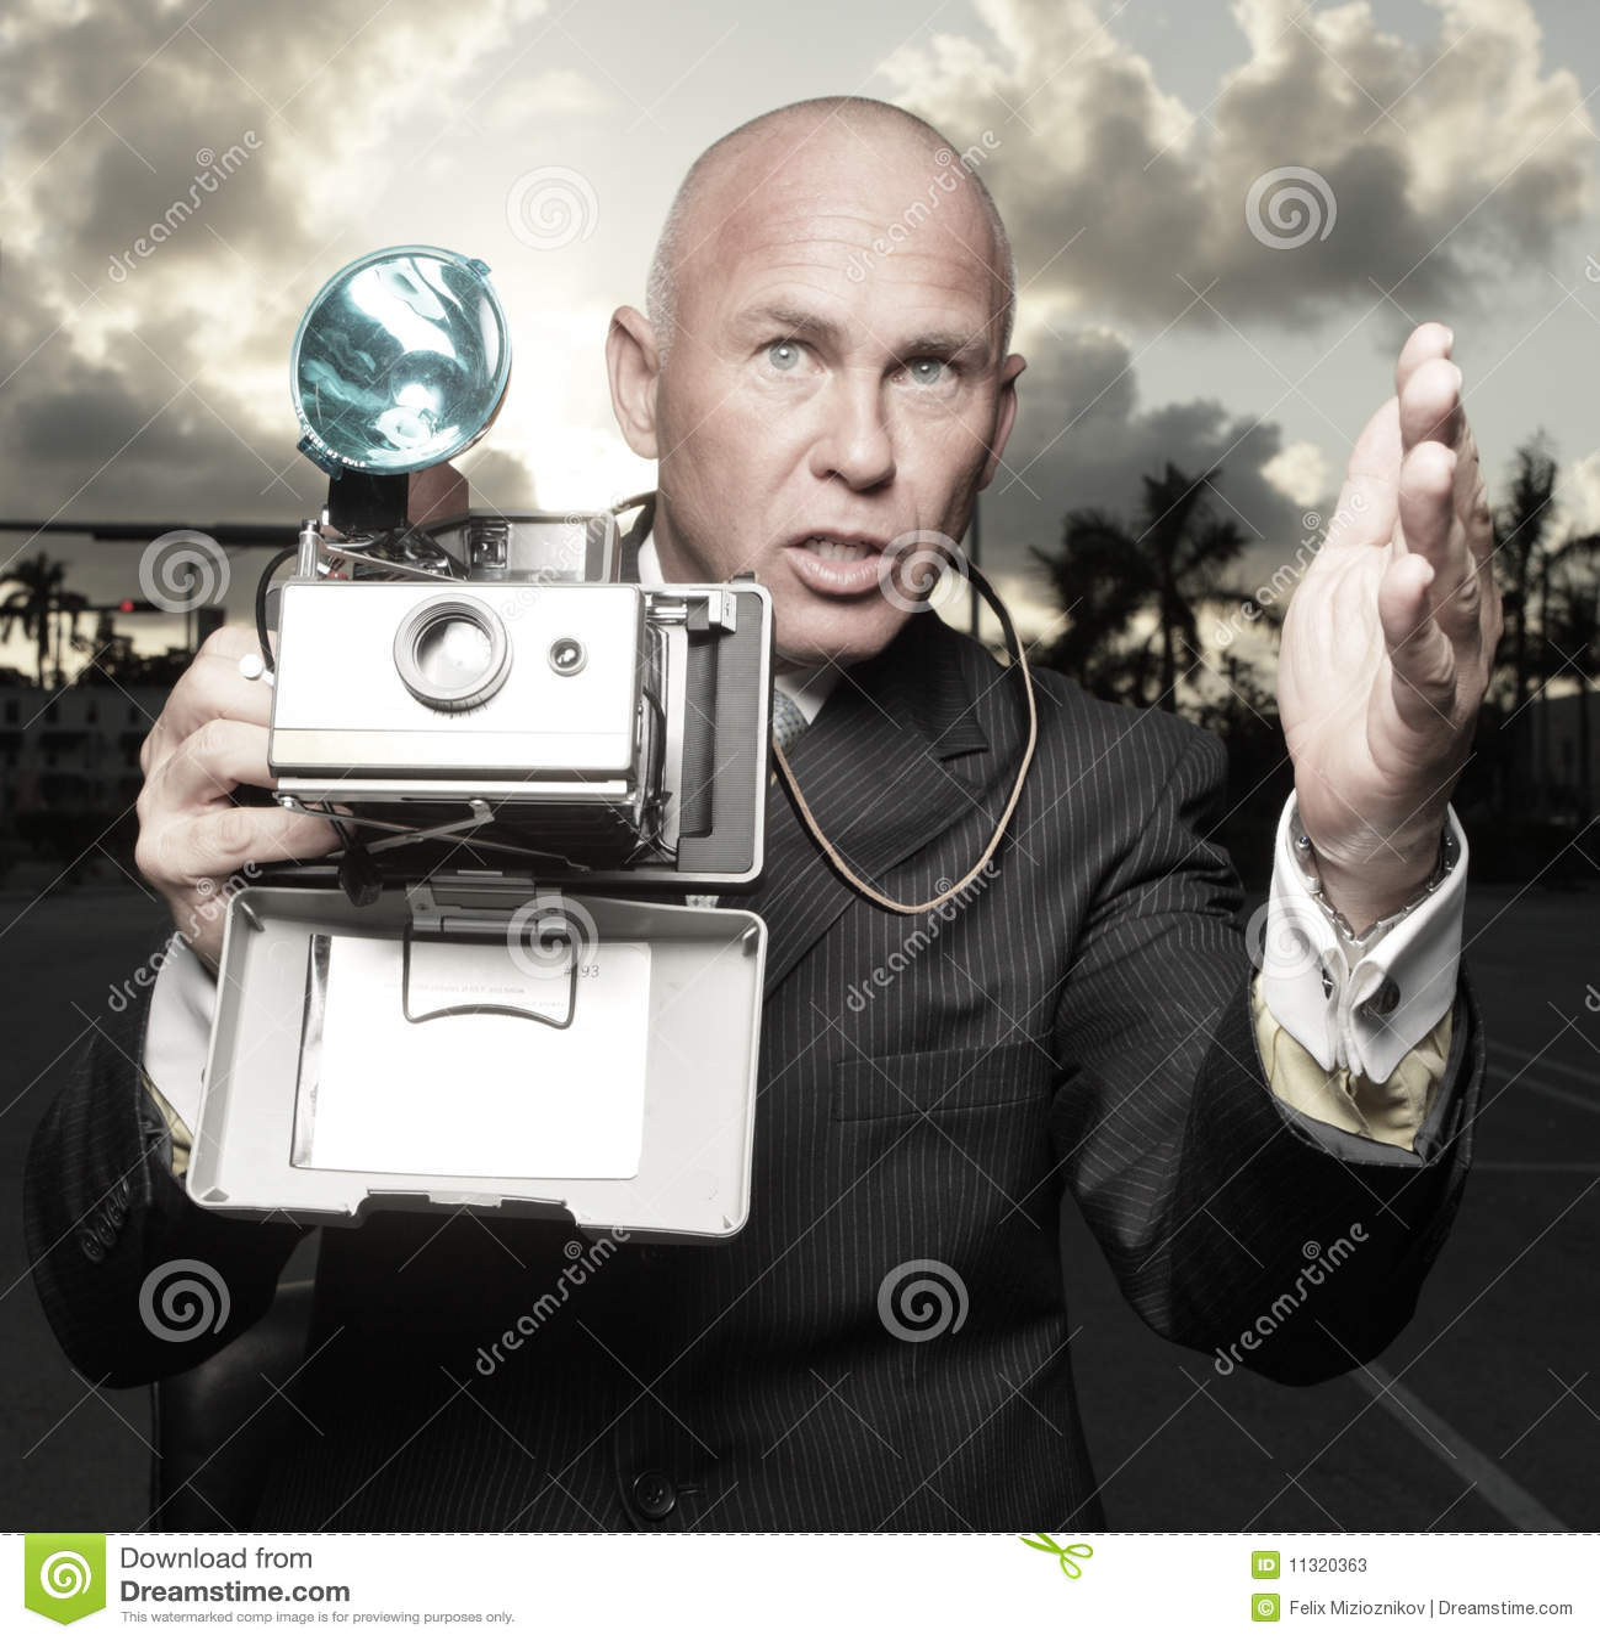 Fotograf in der Tätigkeit